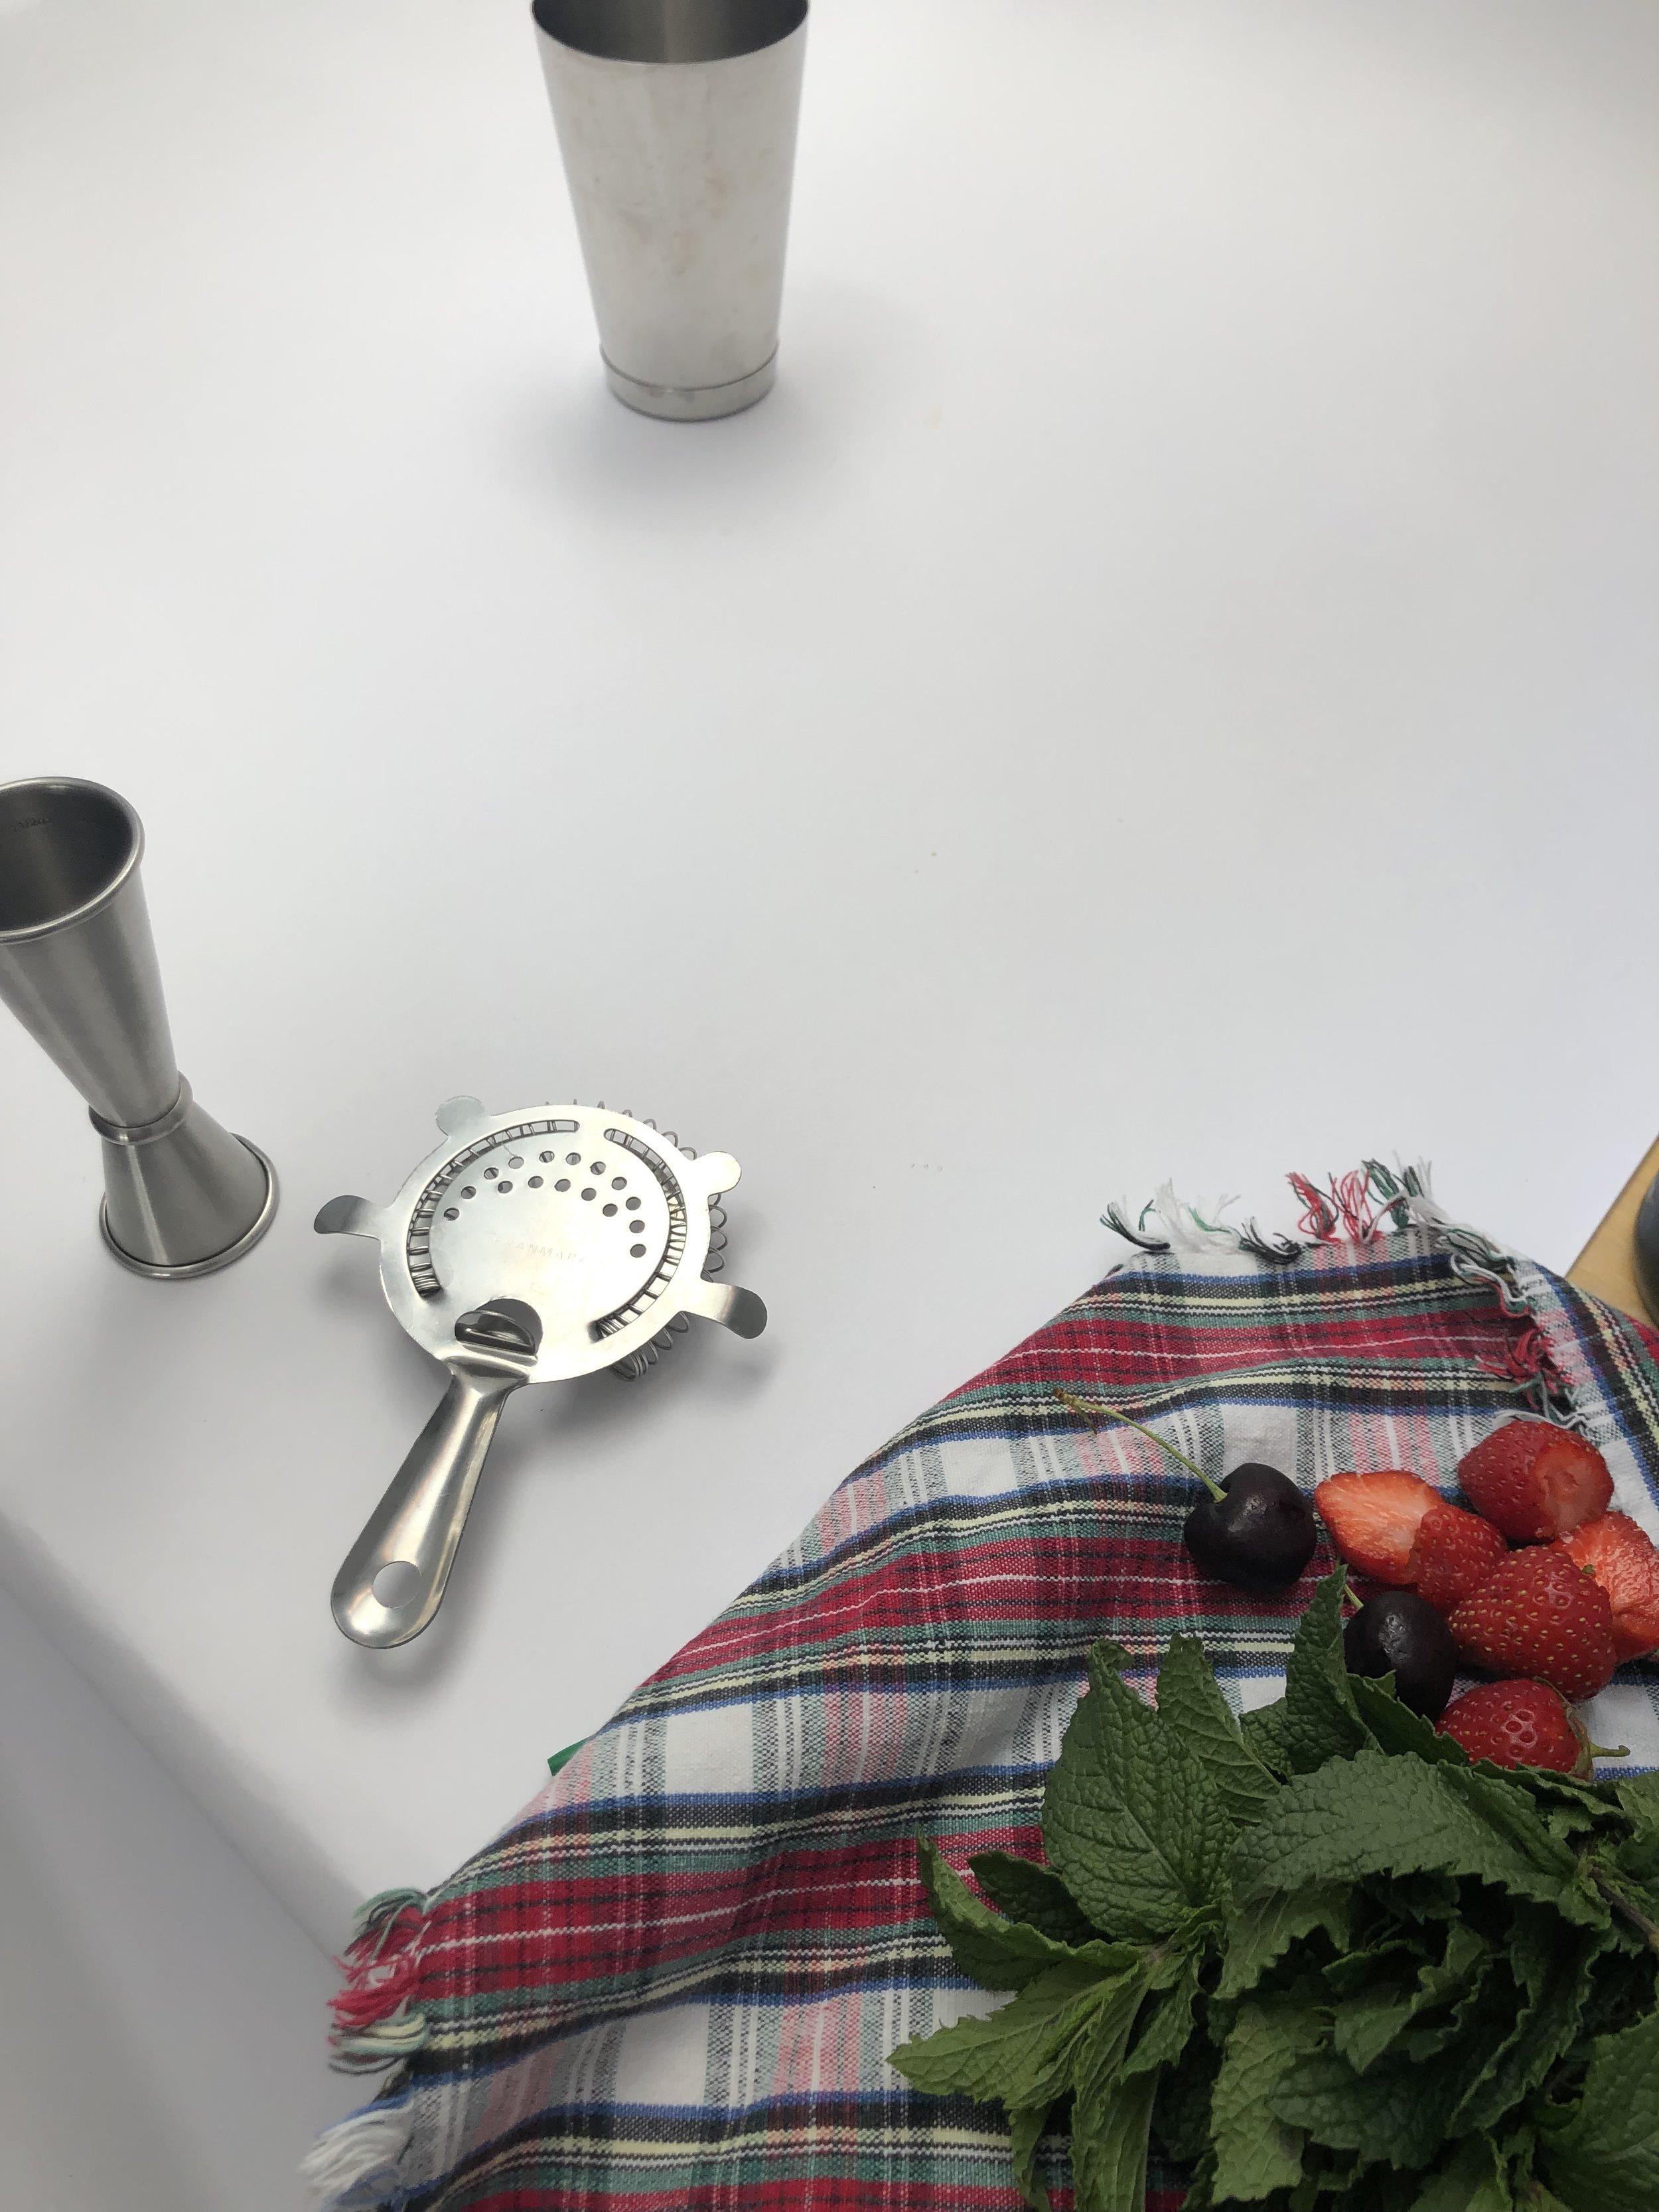 strainer and strawberries.jpg